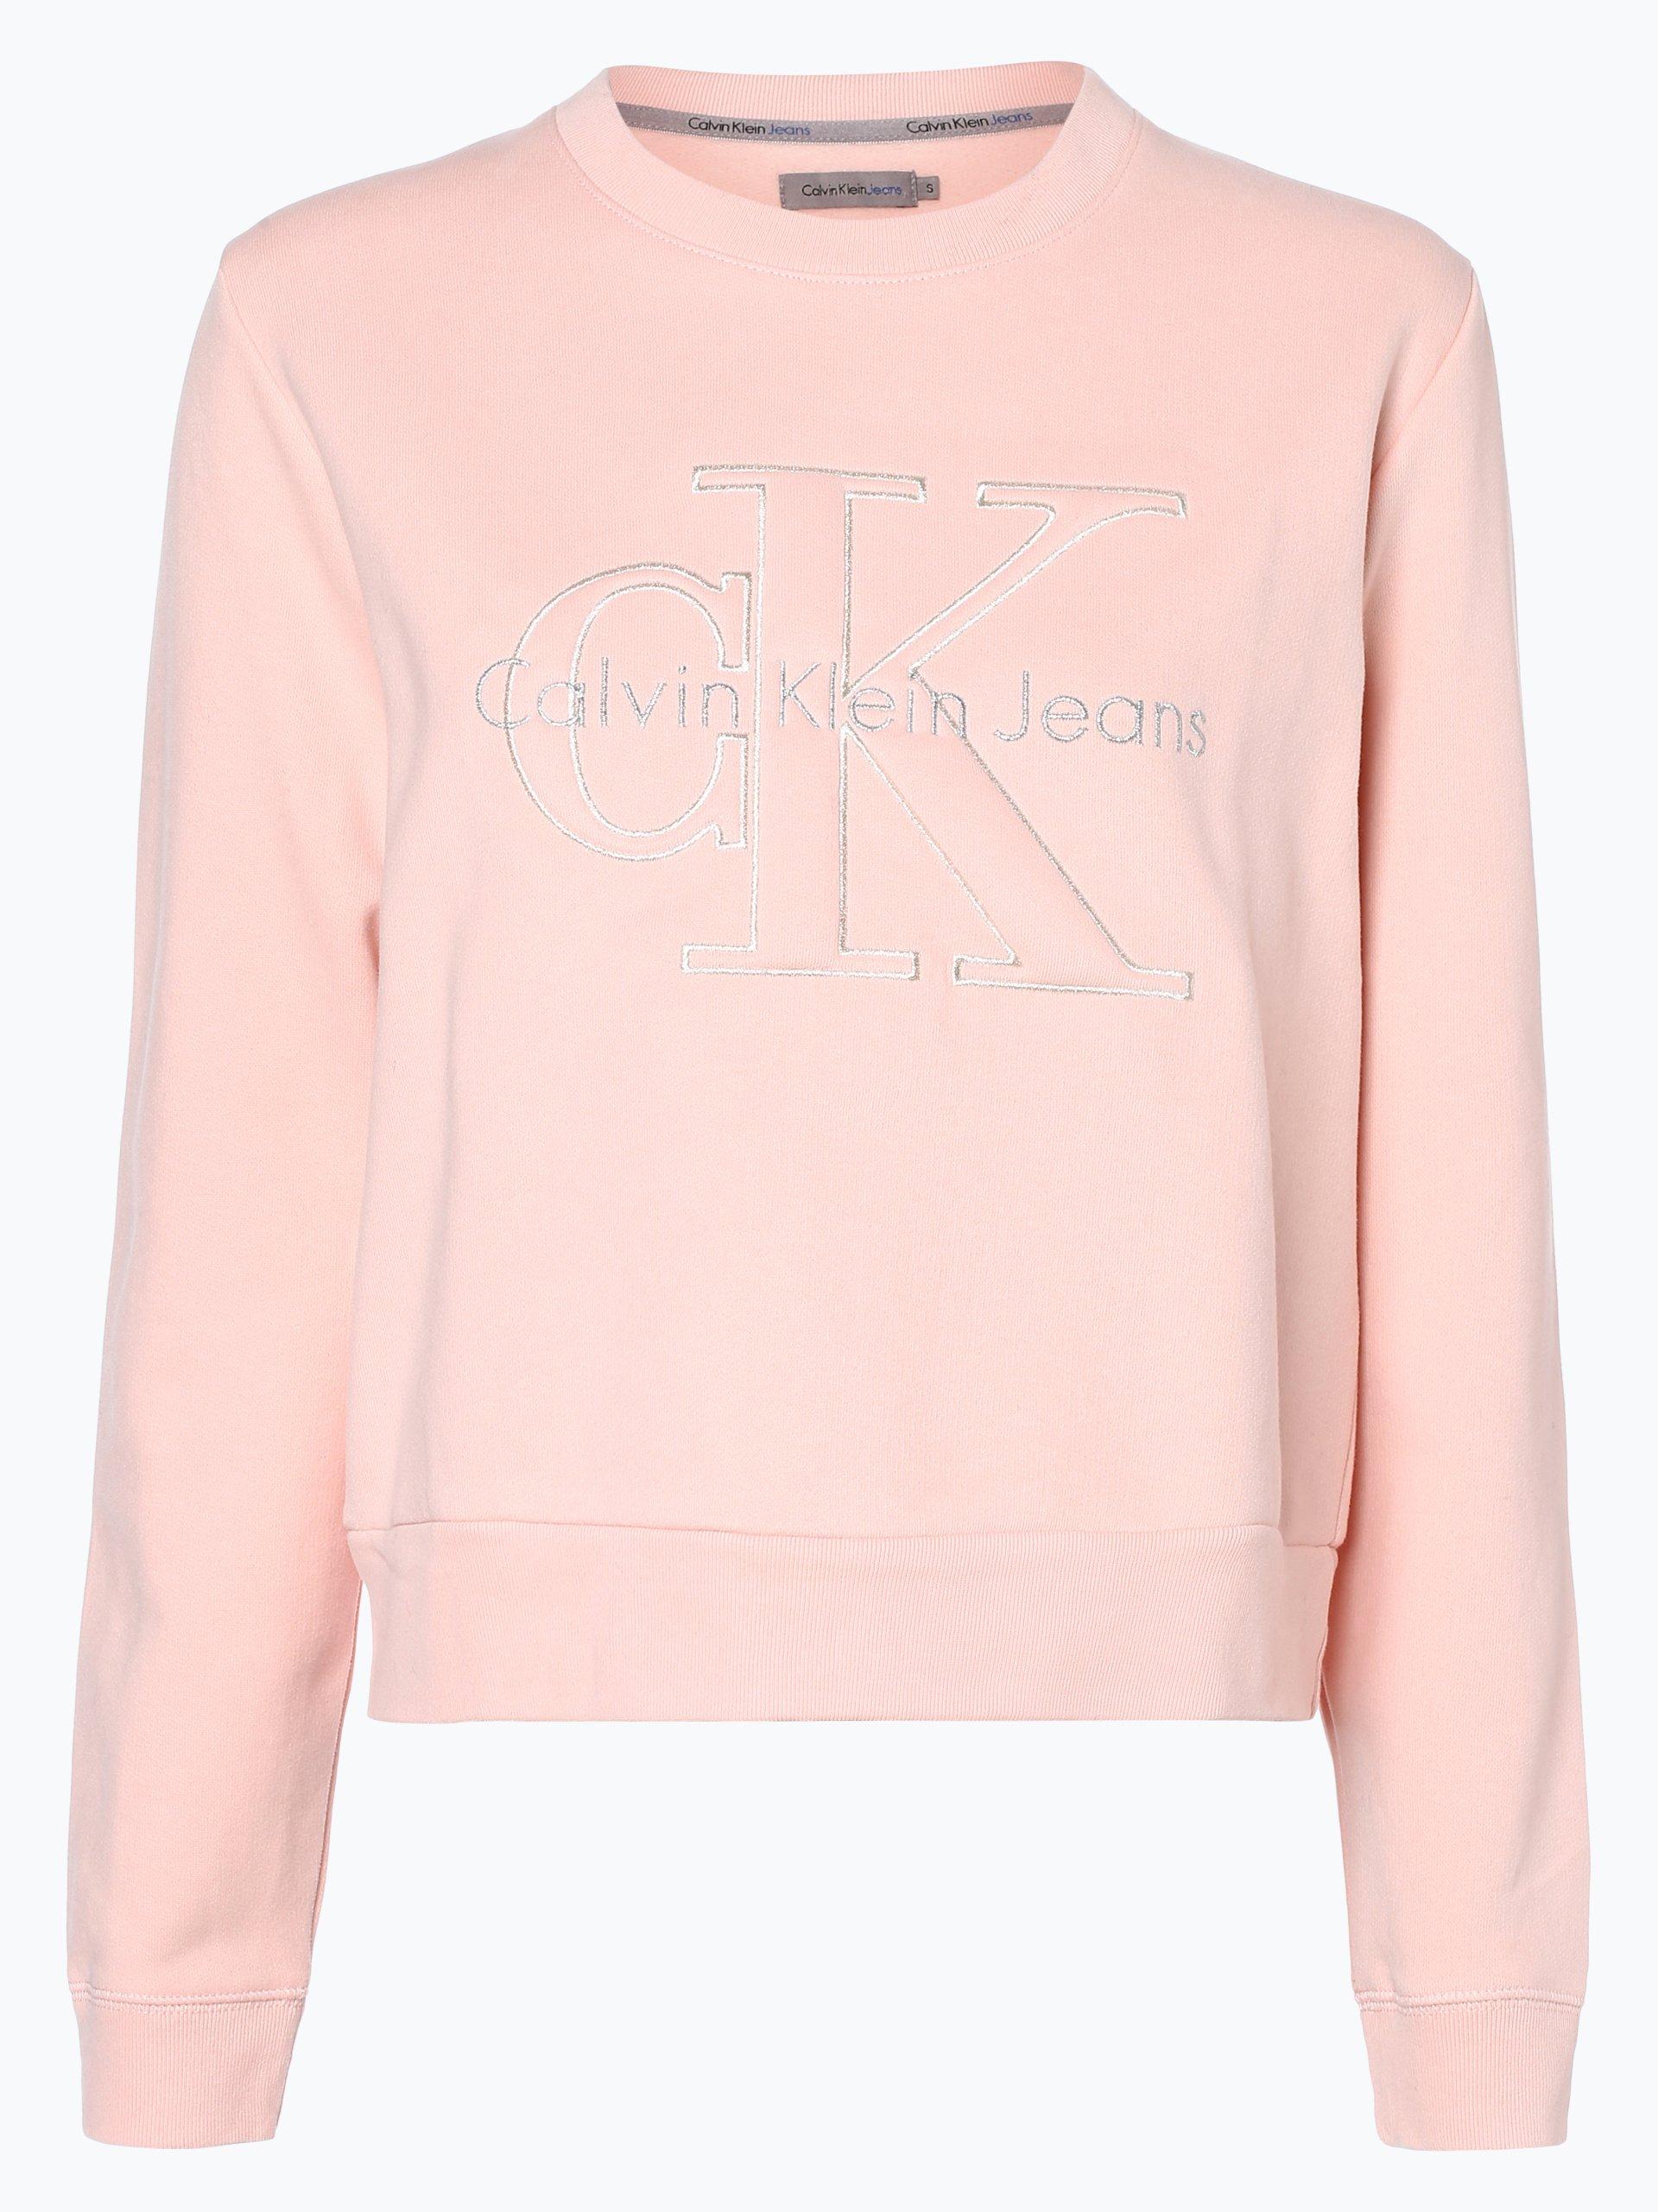 calvin klein jeans damen sweatshirt rosa bedruckt online kaufen vangraaf com. Black Bedroom Furniture Sets. Home Design Ideas